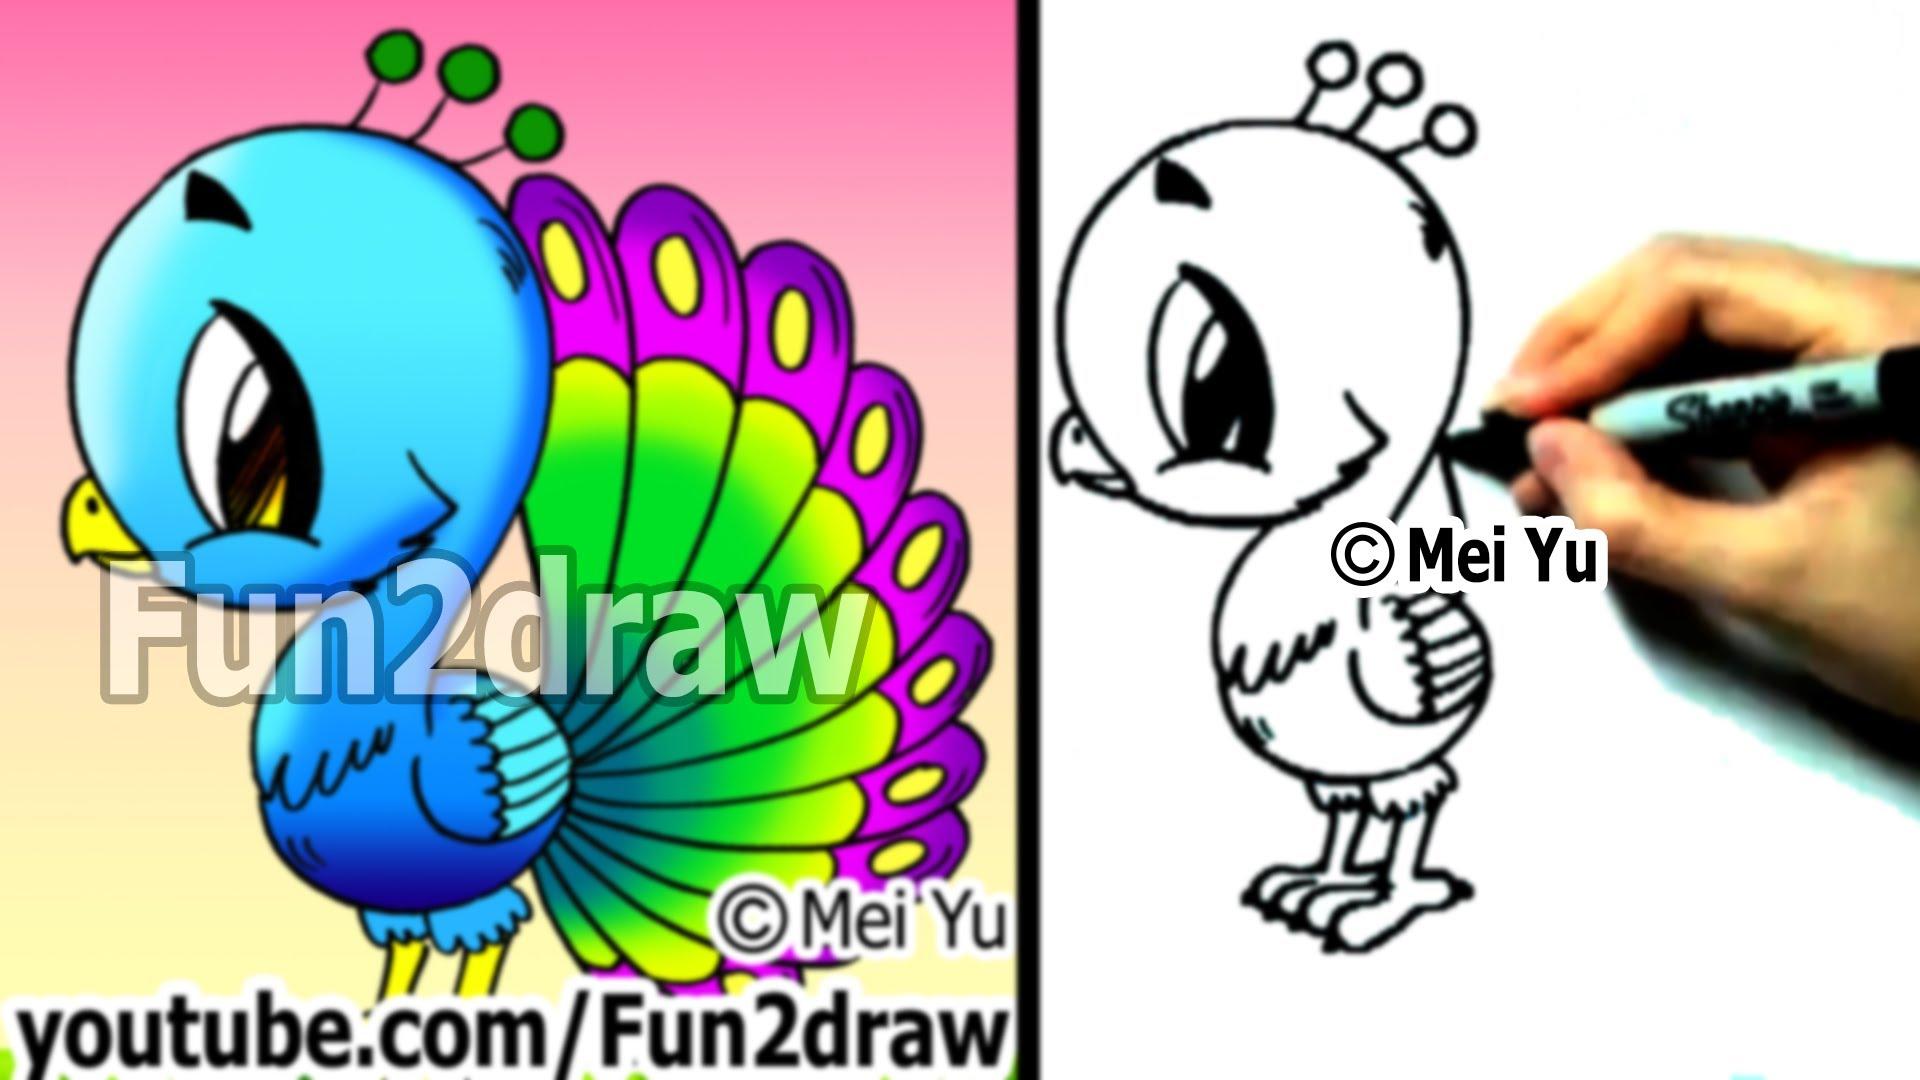 Drawn pumpkin fun2draw Animals to How Art